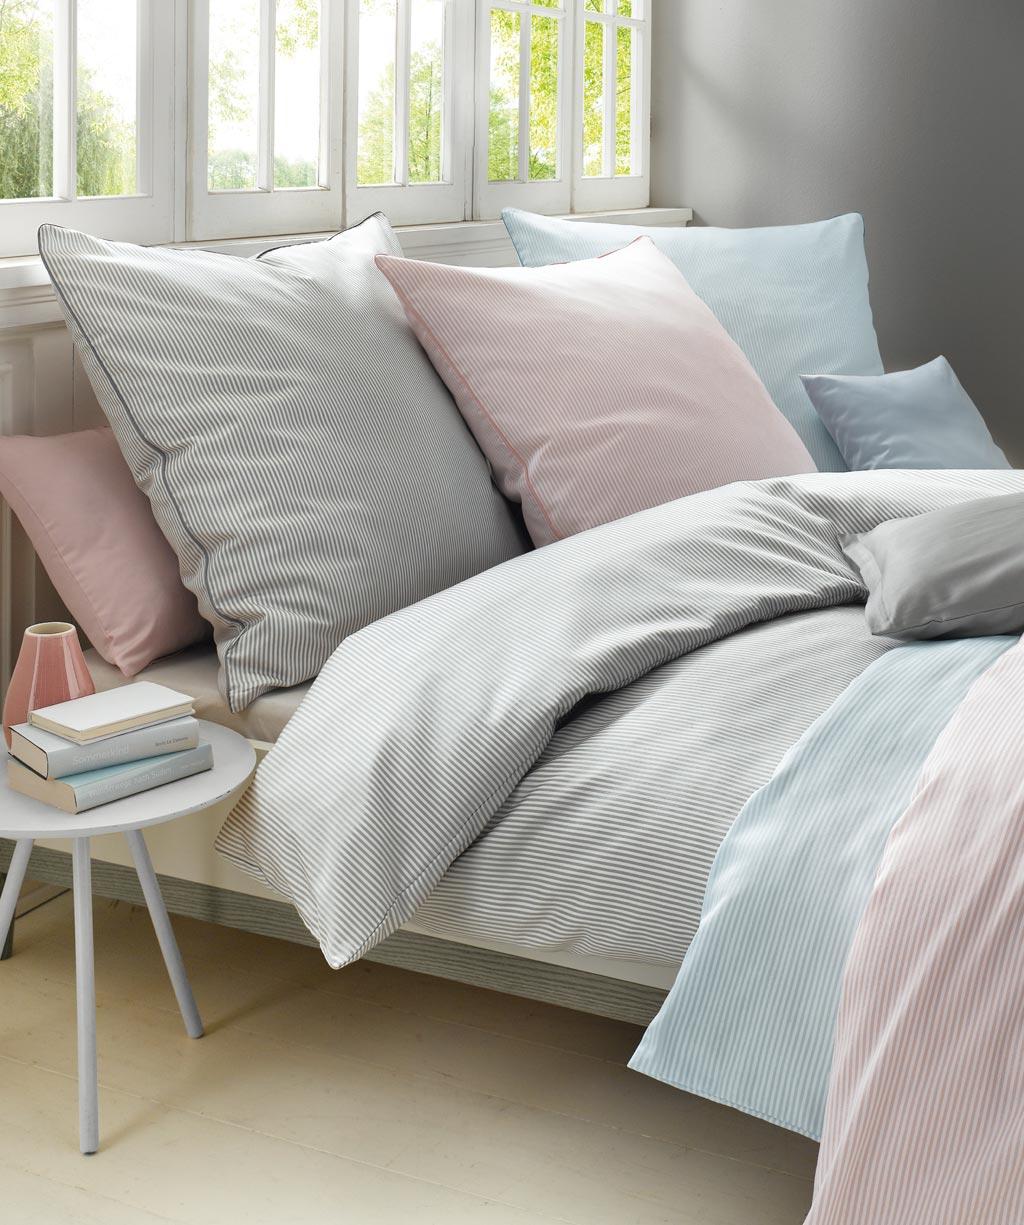 Streifenbettwäsche Blau Weiß 200x220 Mako Satin Bettwäsche